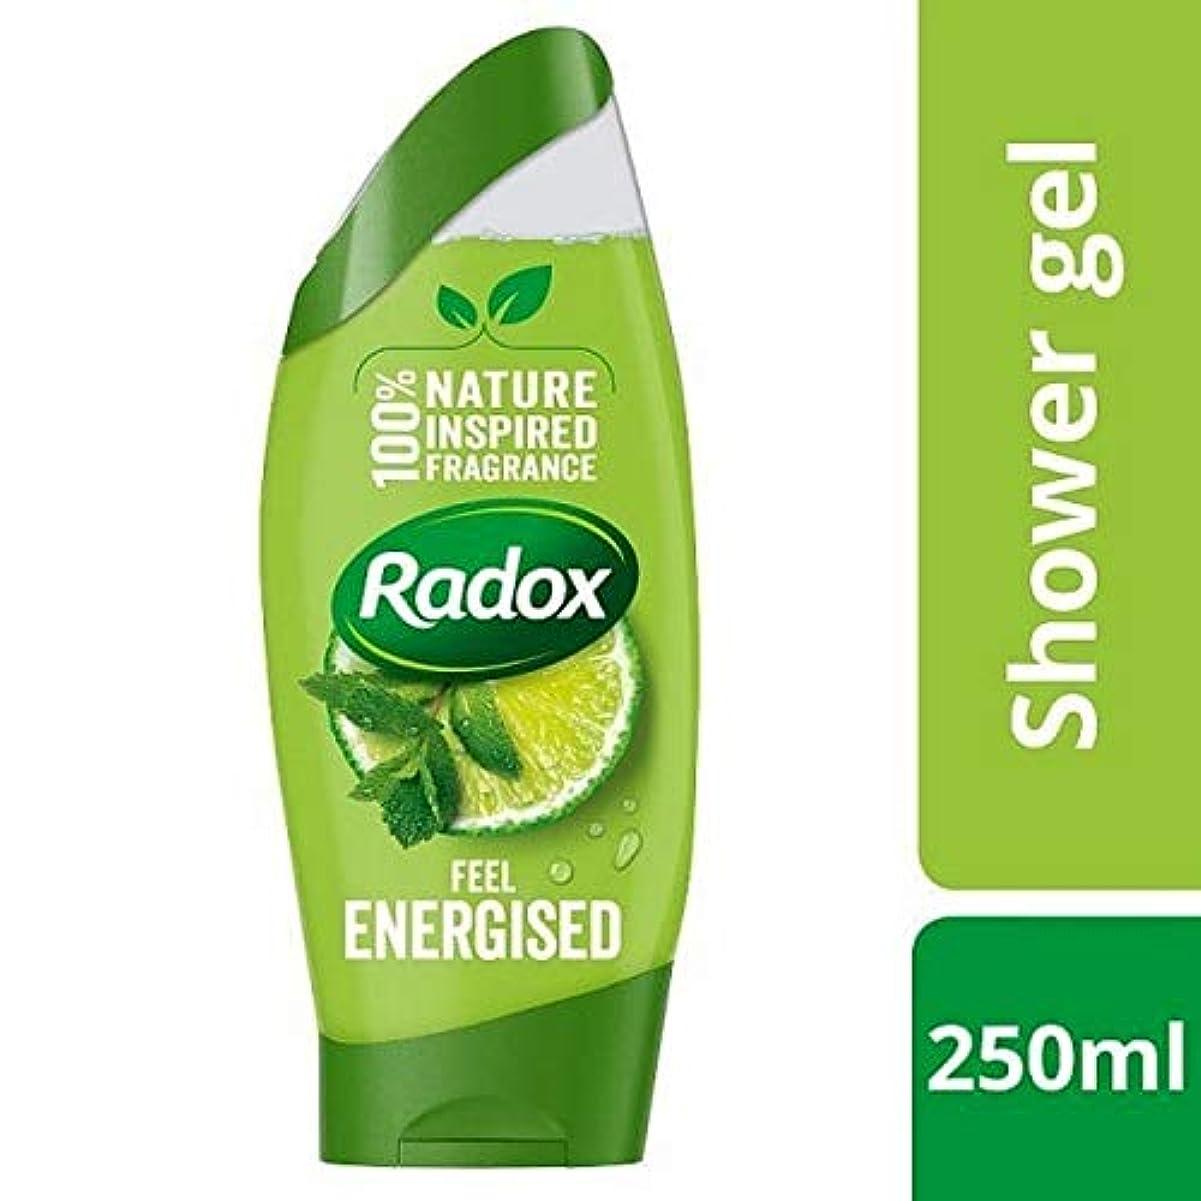 クロール義務付けられた威する[Radox] Radoxは通電シャワージェル250ミリリットルを感じます - Radox Feel Energised Shower Gel 250ml [並行輸入品]